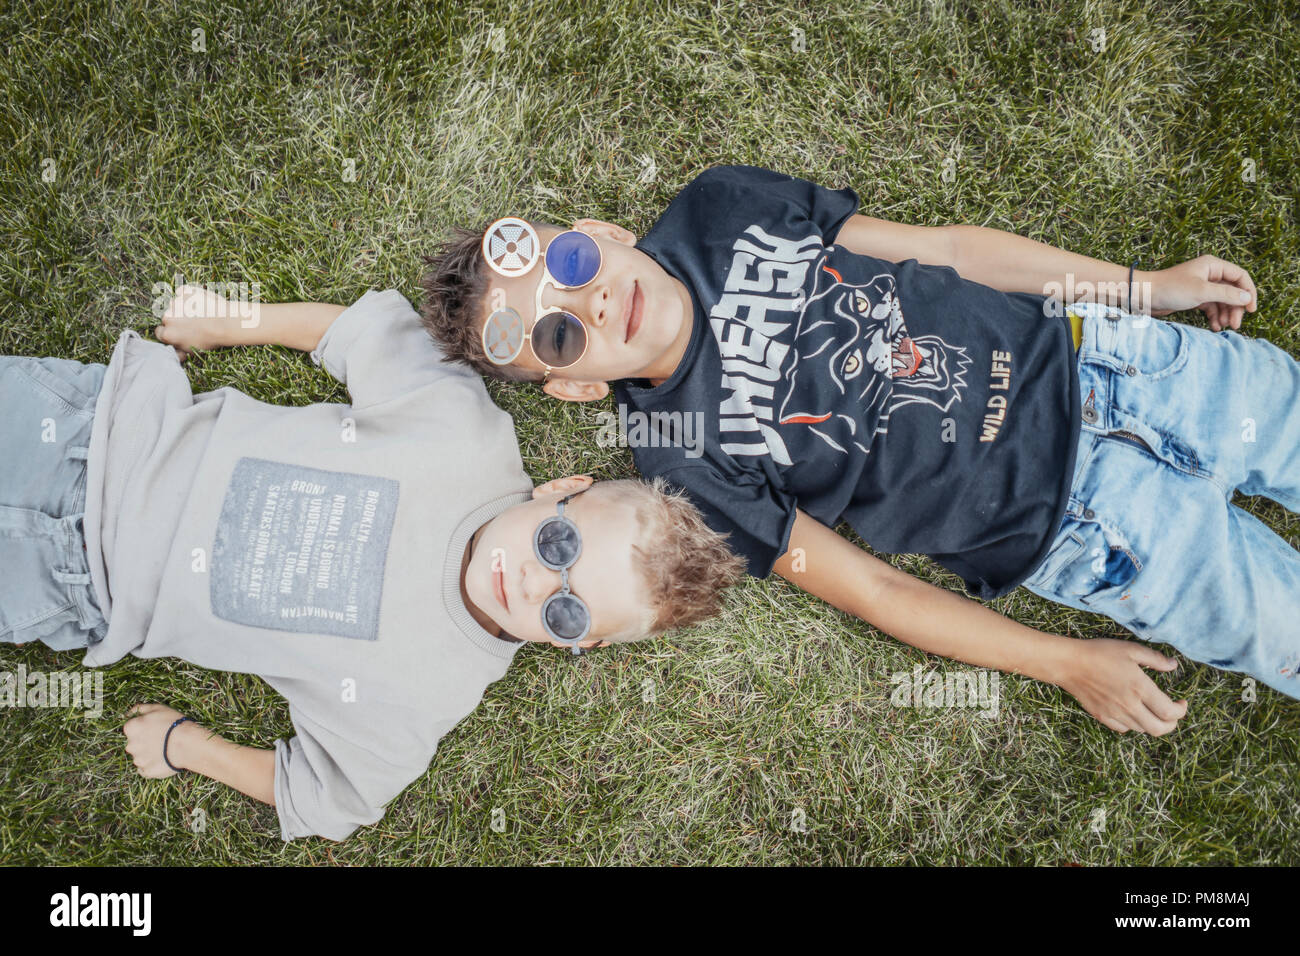 Nahaufnahme von Jungen, Brüder im Park liegend auf grünem Gras. Blick von oben. Stockbild